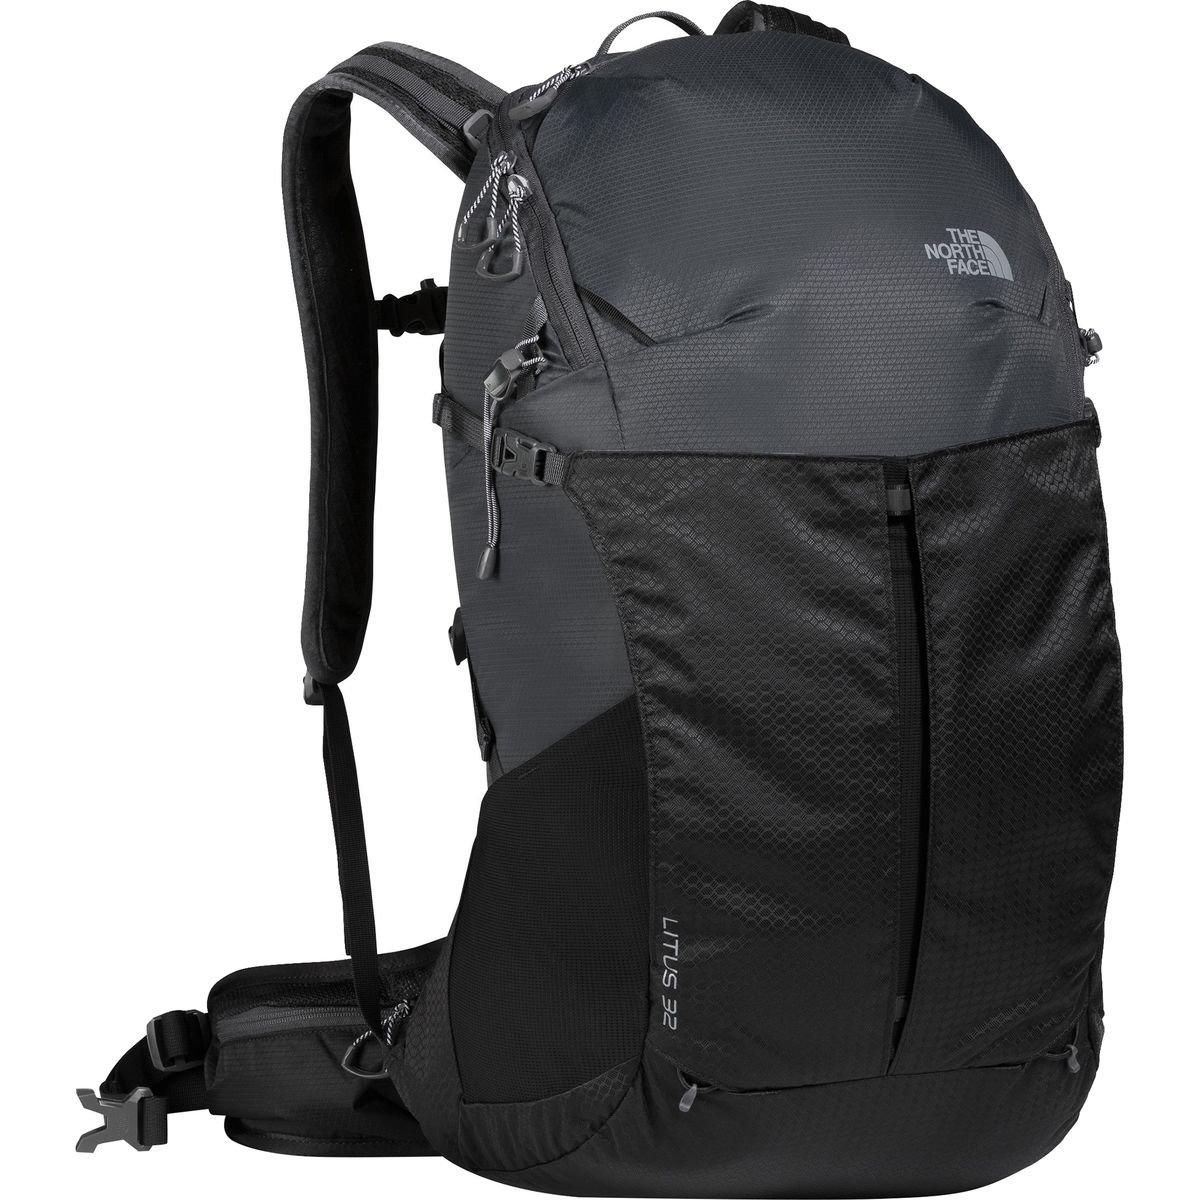 (ザノースフェイス) The North Face Litus 32 Backpack - 1892-2075cu inメンズ バックパック リュック Asphalt Grey/TNF Black [並行輸入品]   B07142TB4X